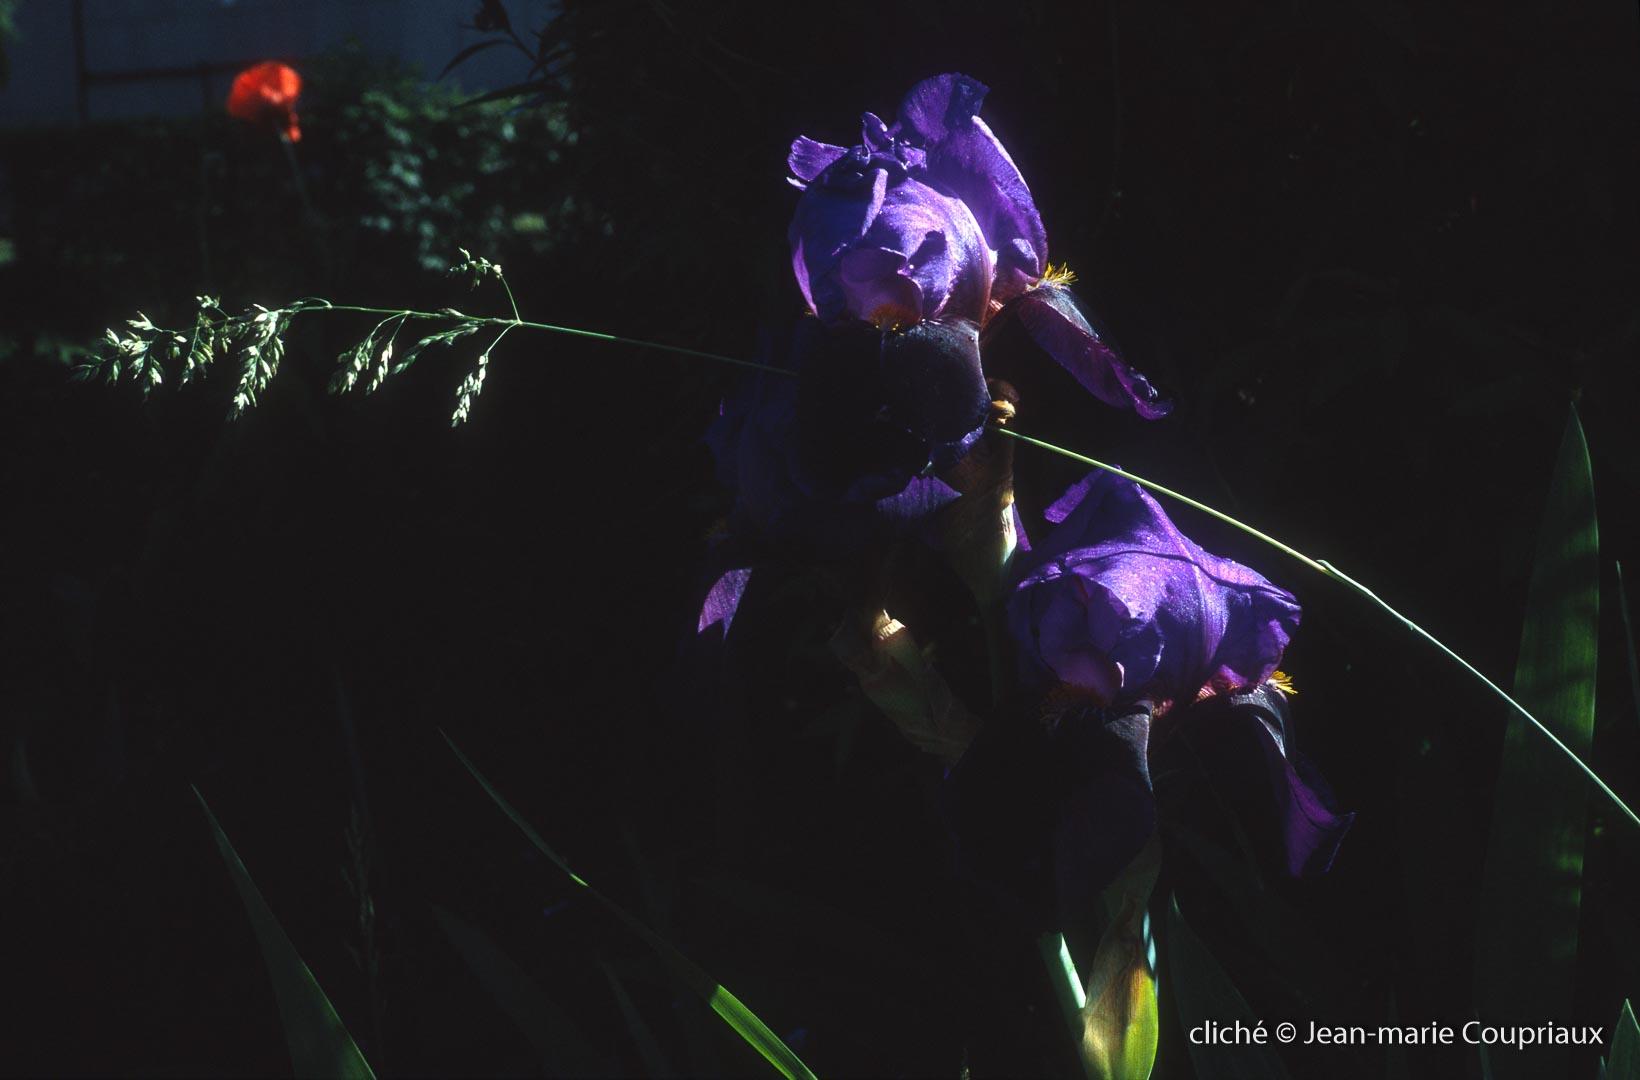 Fleurs-div-246-1.jpg